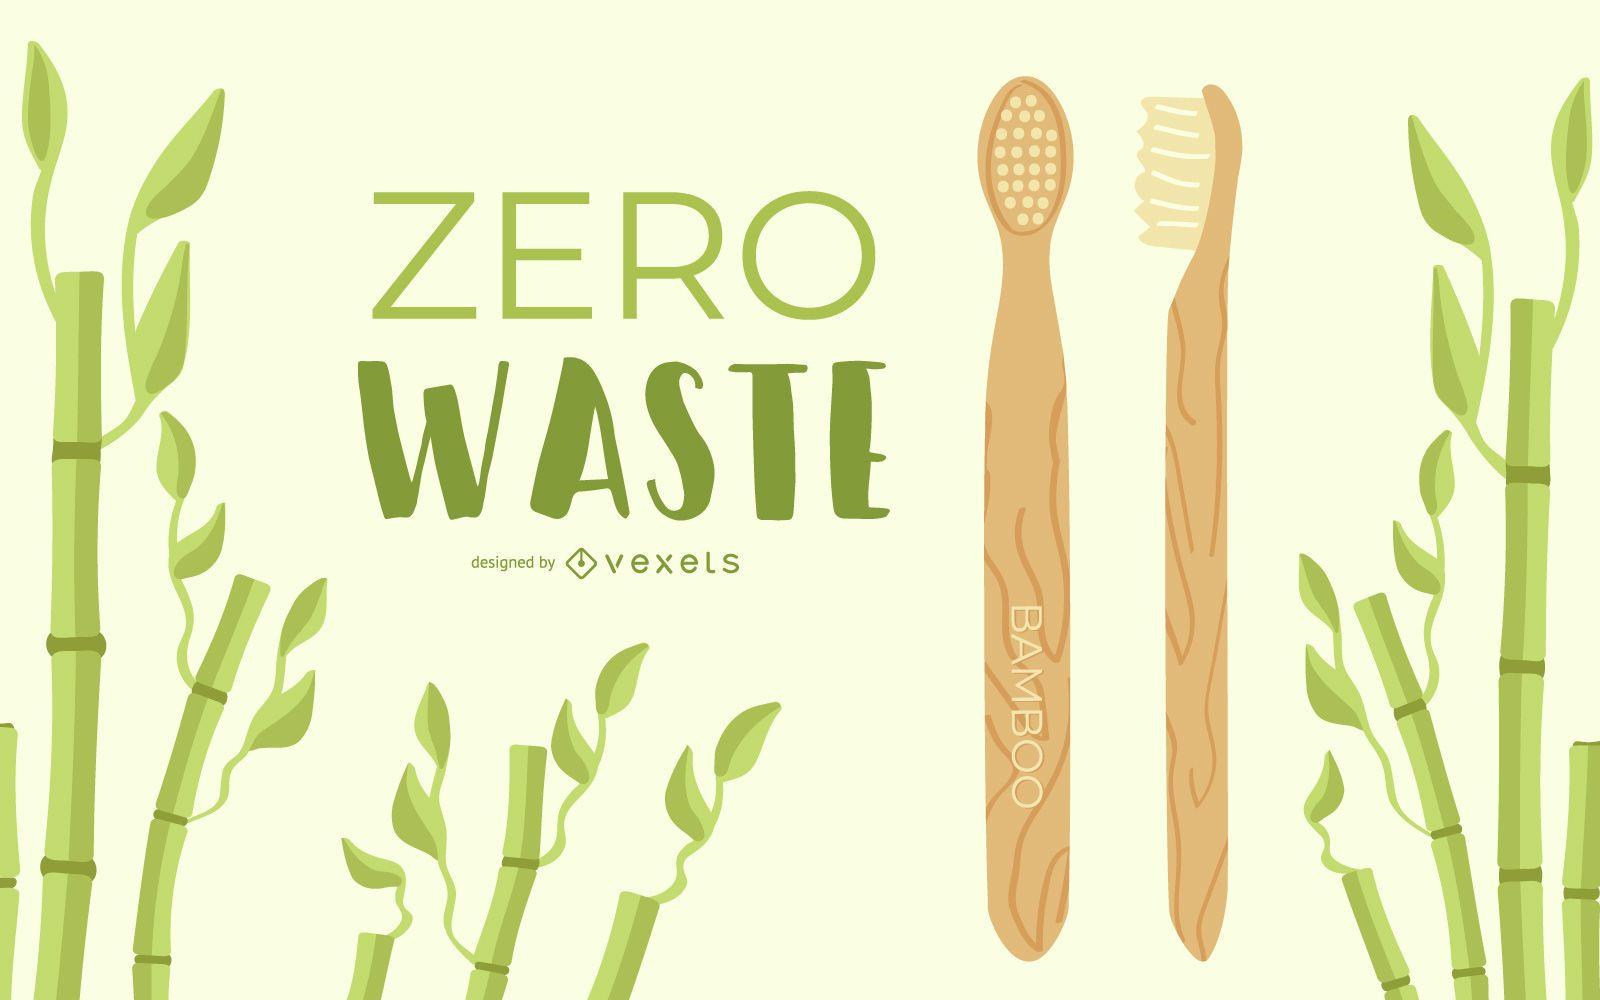 Zero Waste Wooden Toothbrush Design